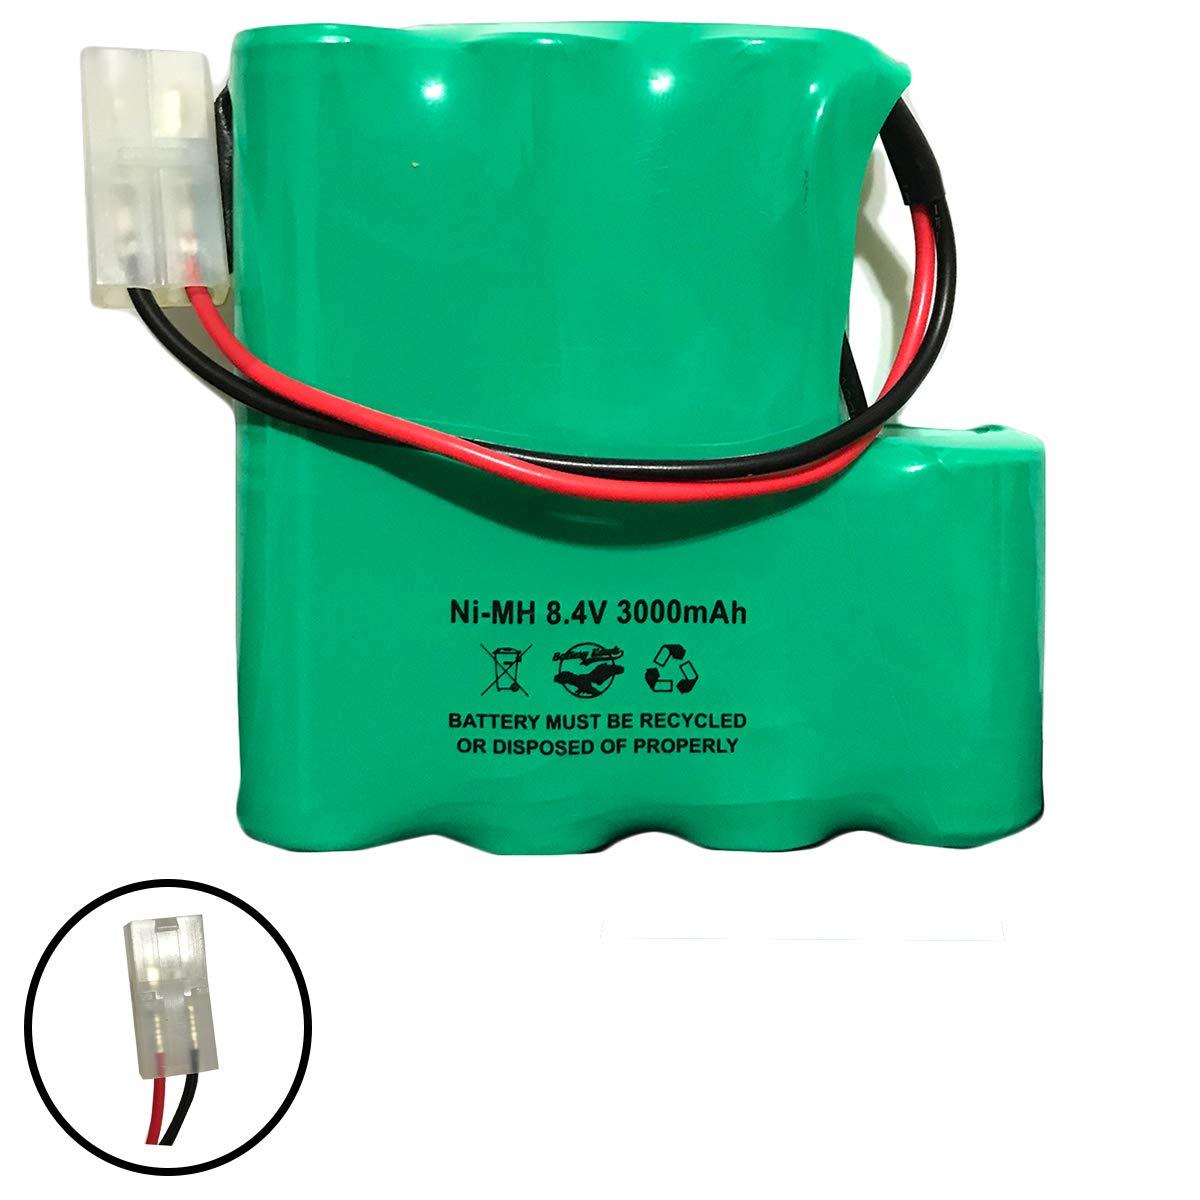 PBA007 Pool Buster MAX CS-PBS007VX 8.4v 3000mAh Ni-MH Battery Pack Replacement 7C2219MF 10142A007 3937 MEGATECH PBA007-C by Batteryhawk, LLC